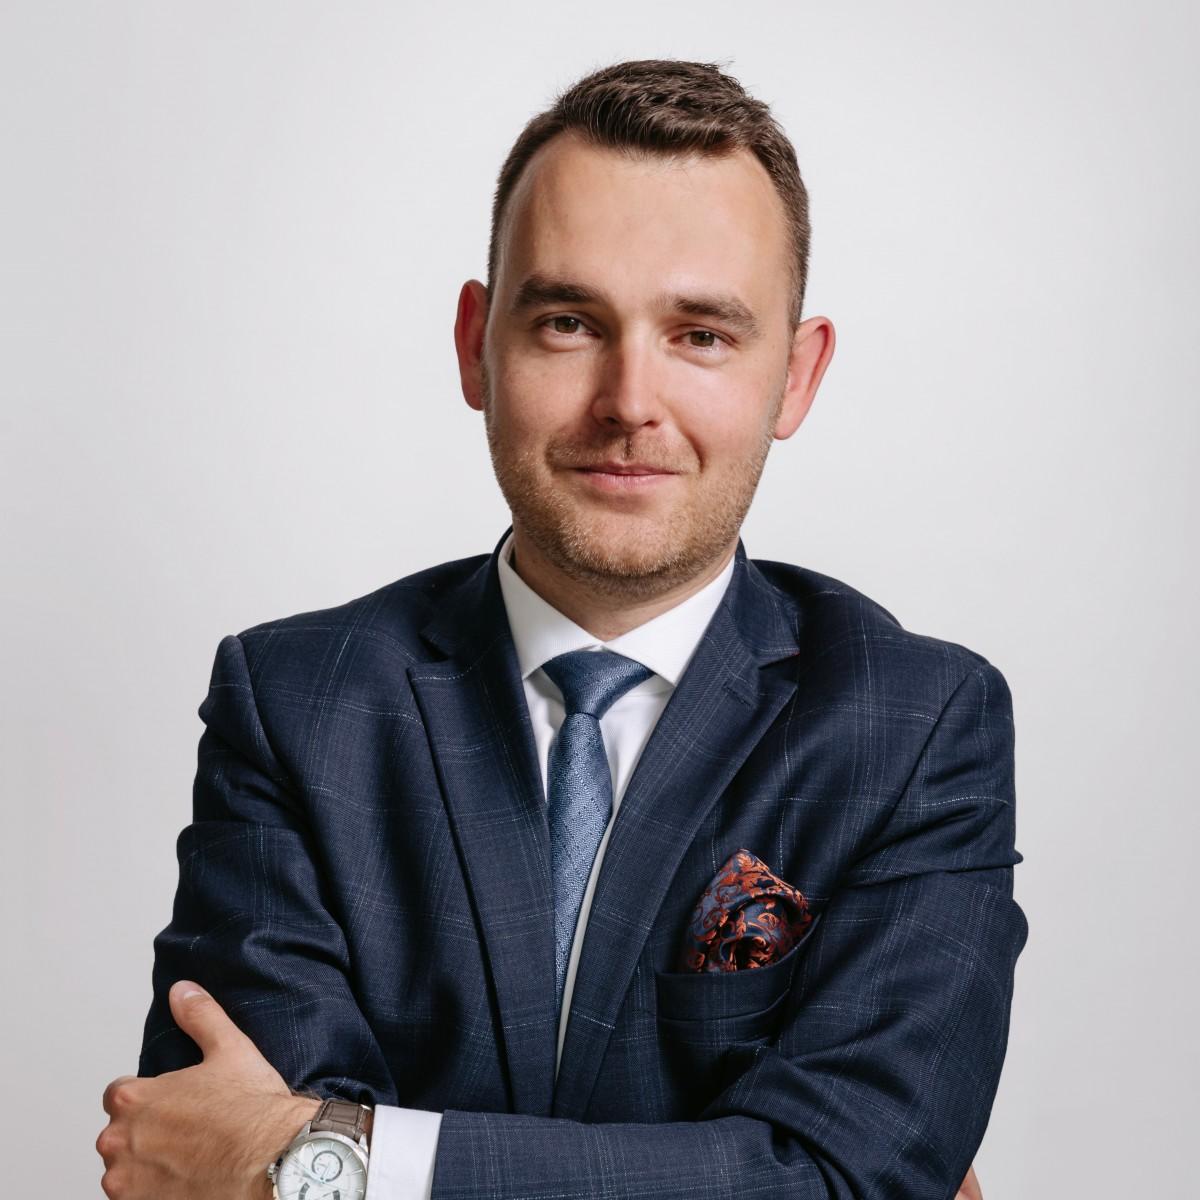 Mariusz Zimnowodzki